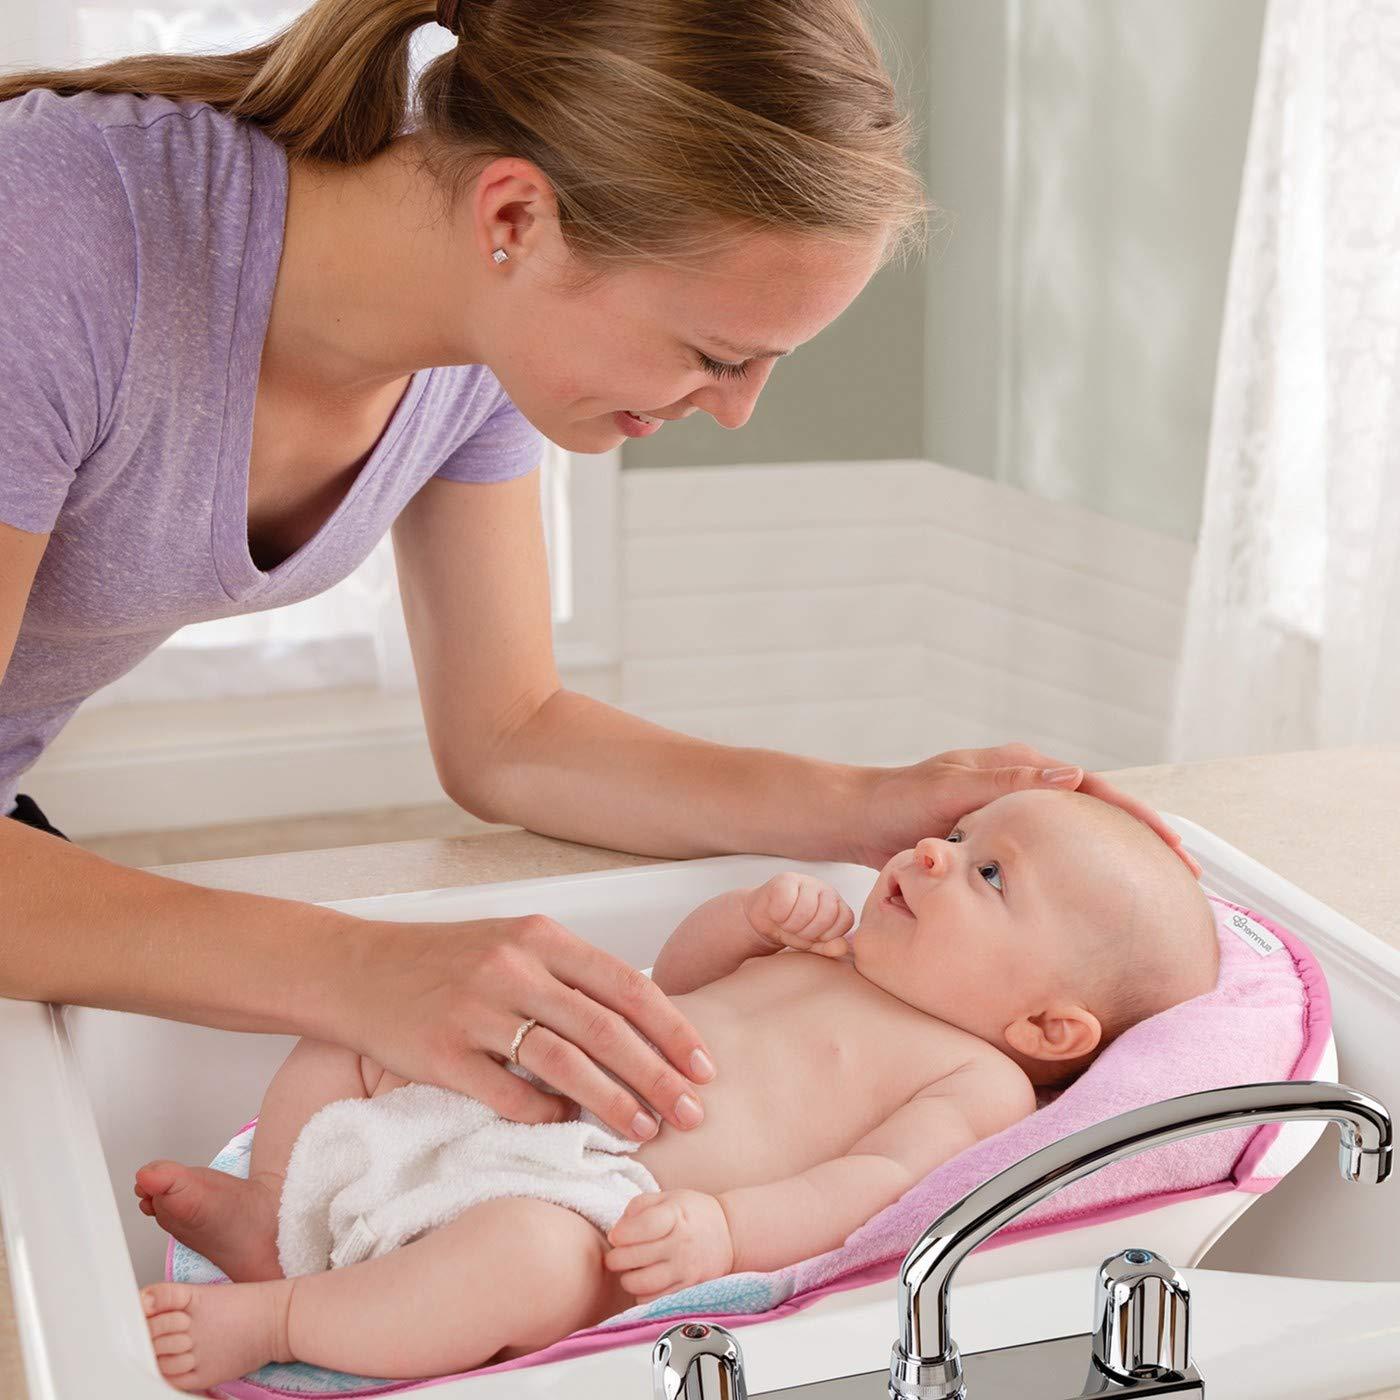 Amazon.com: Bebé tina Whirlpool Bubbling Spa Ducha recién ...